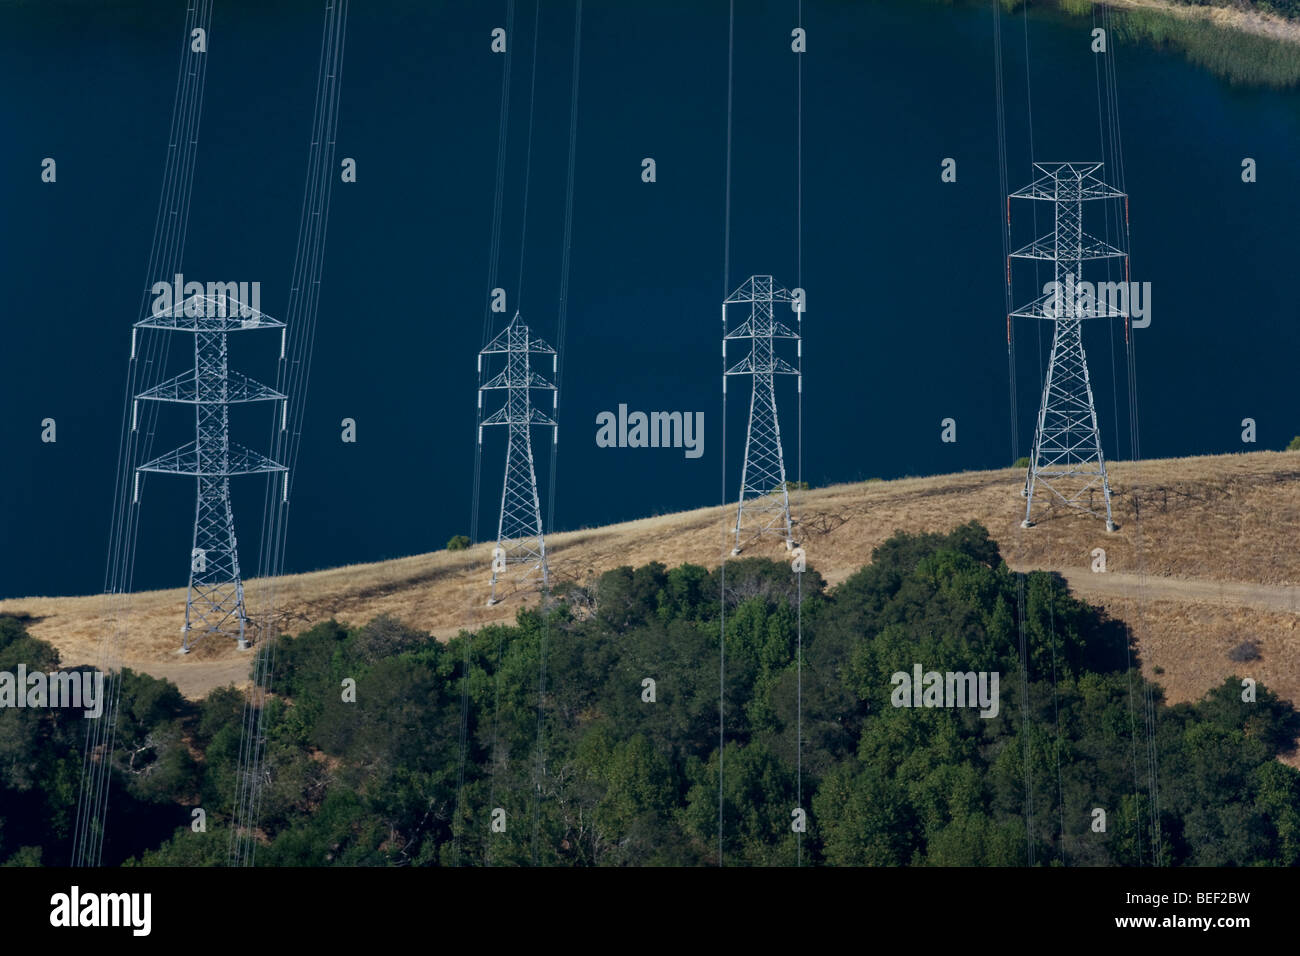 Luftaufnahme über Hochspannungsleitungen Türme am California Vorratsbehälter Stockbild